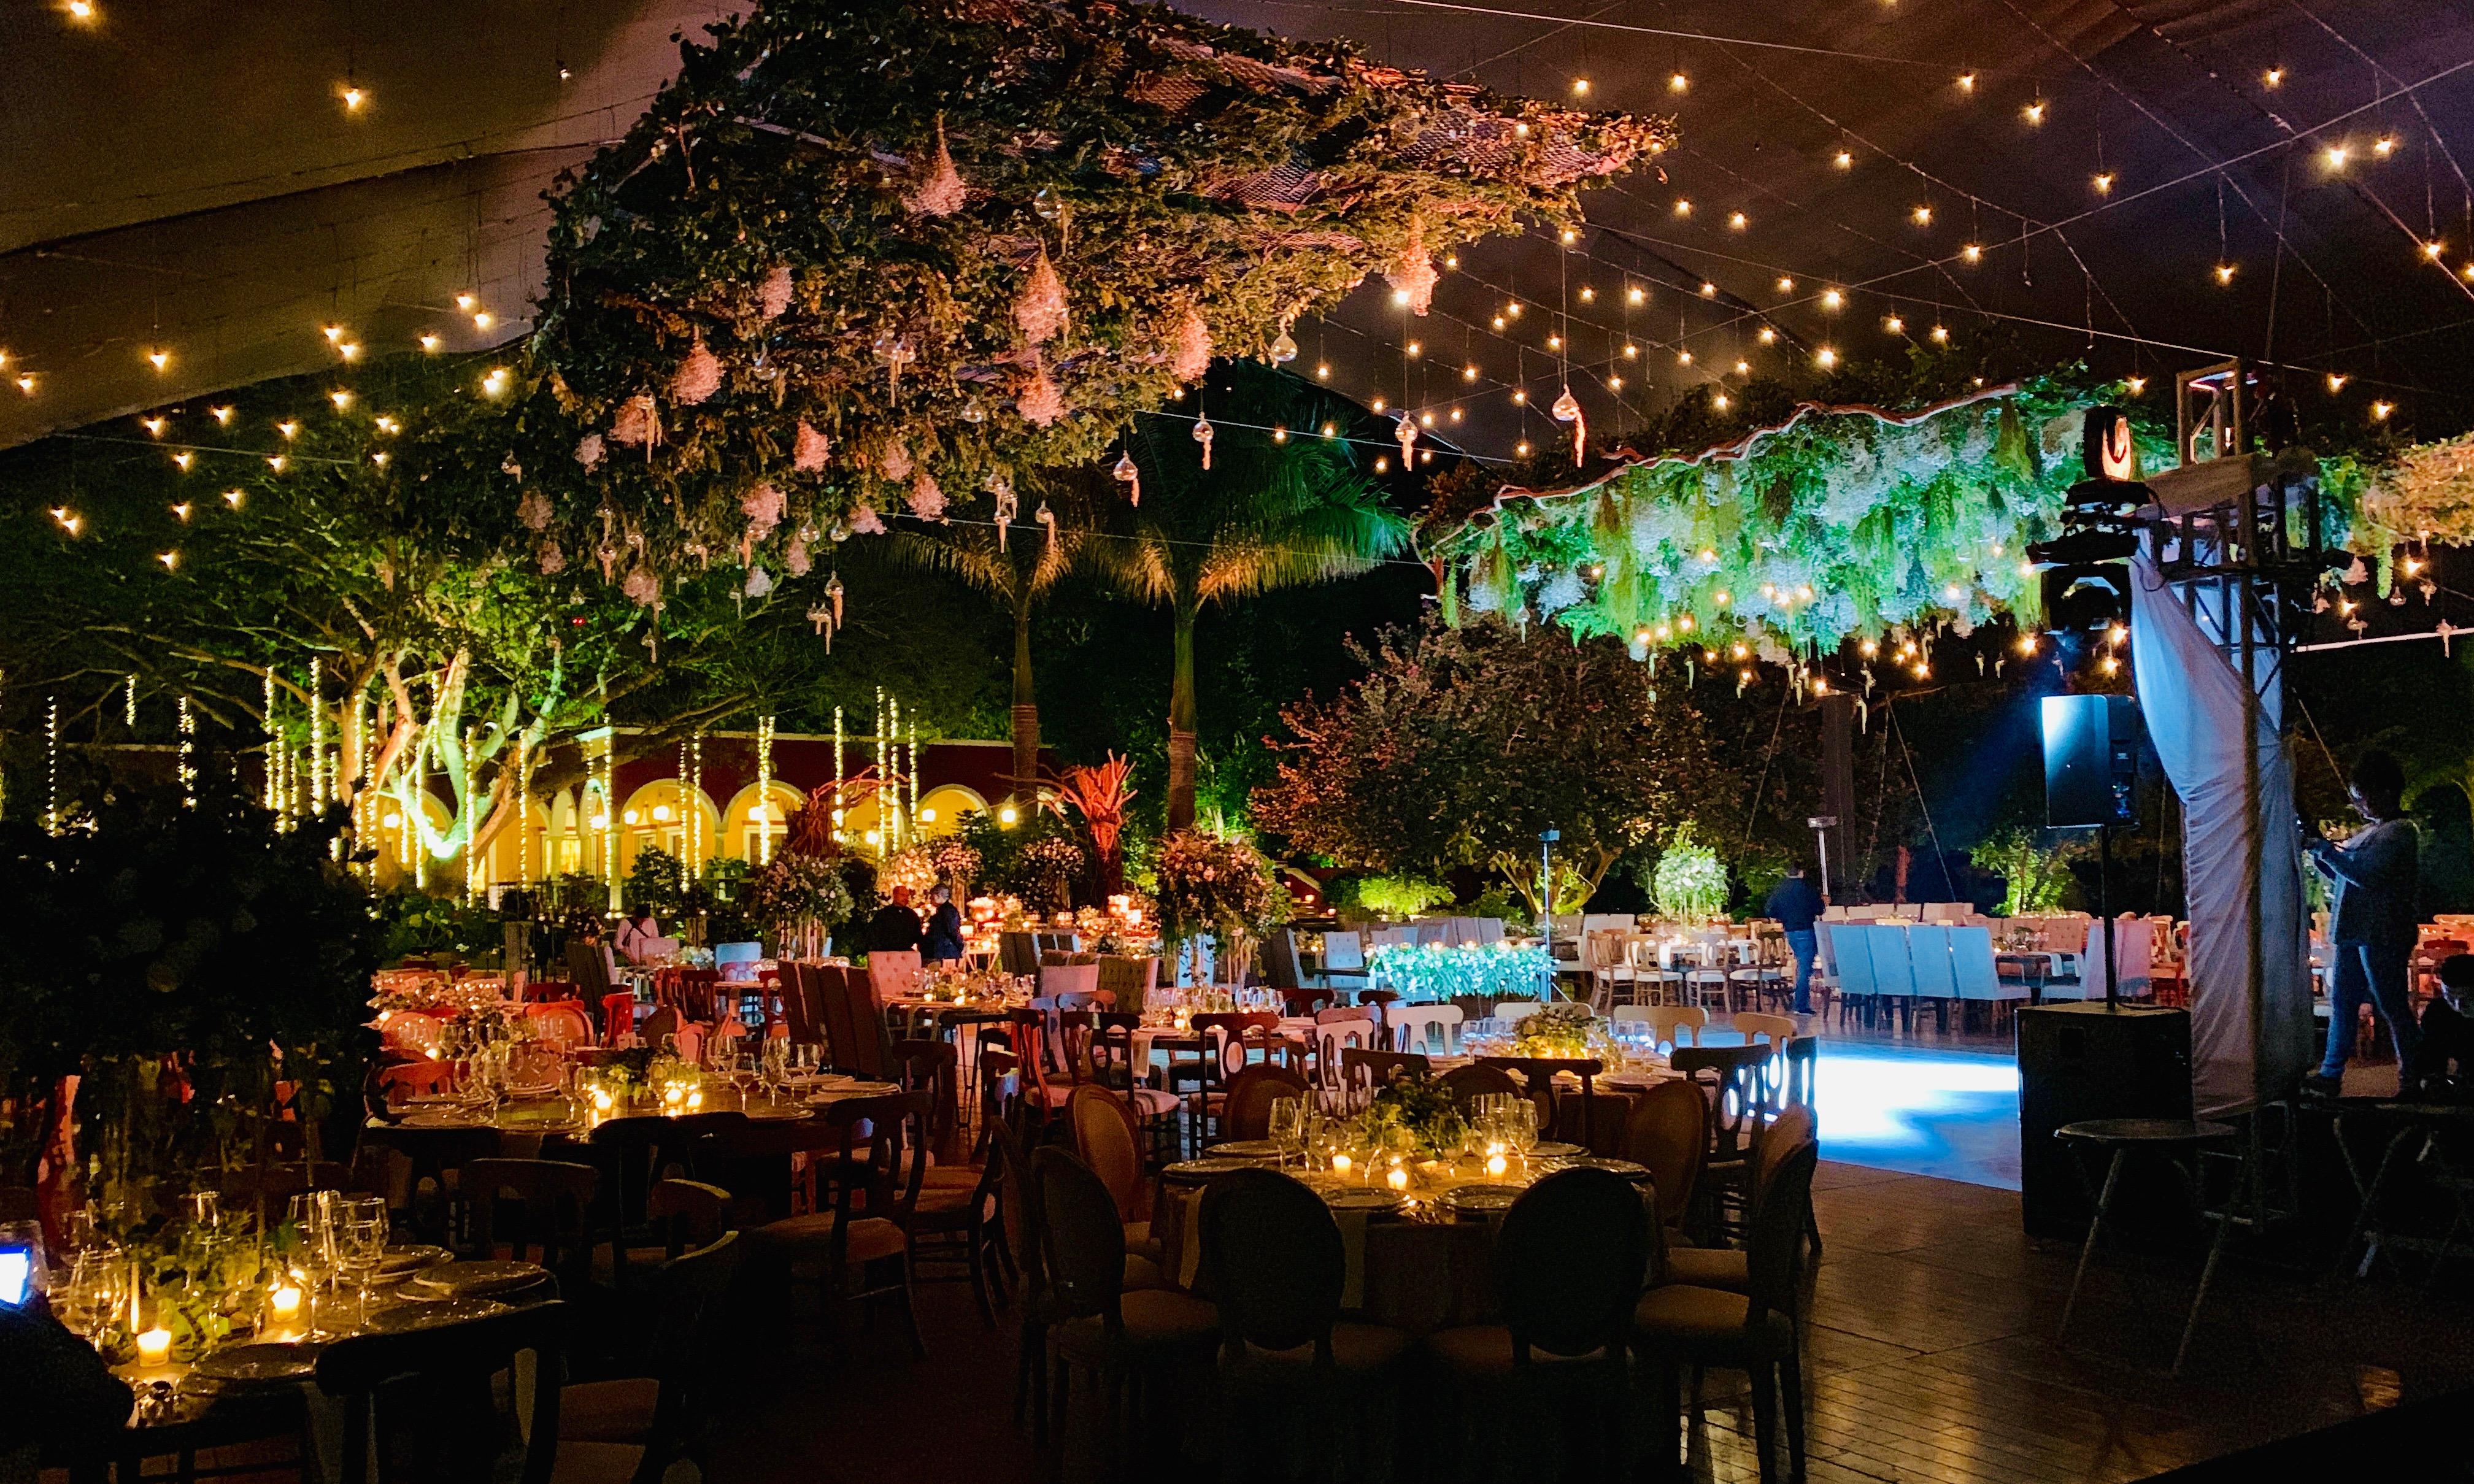 Atmósfera romántica en tu boda con la iluminación